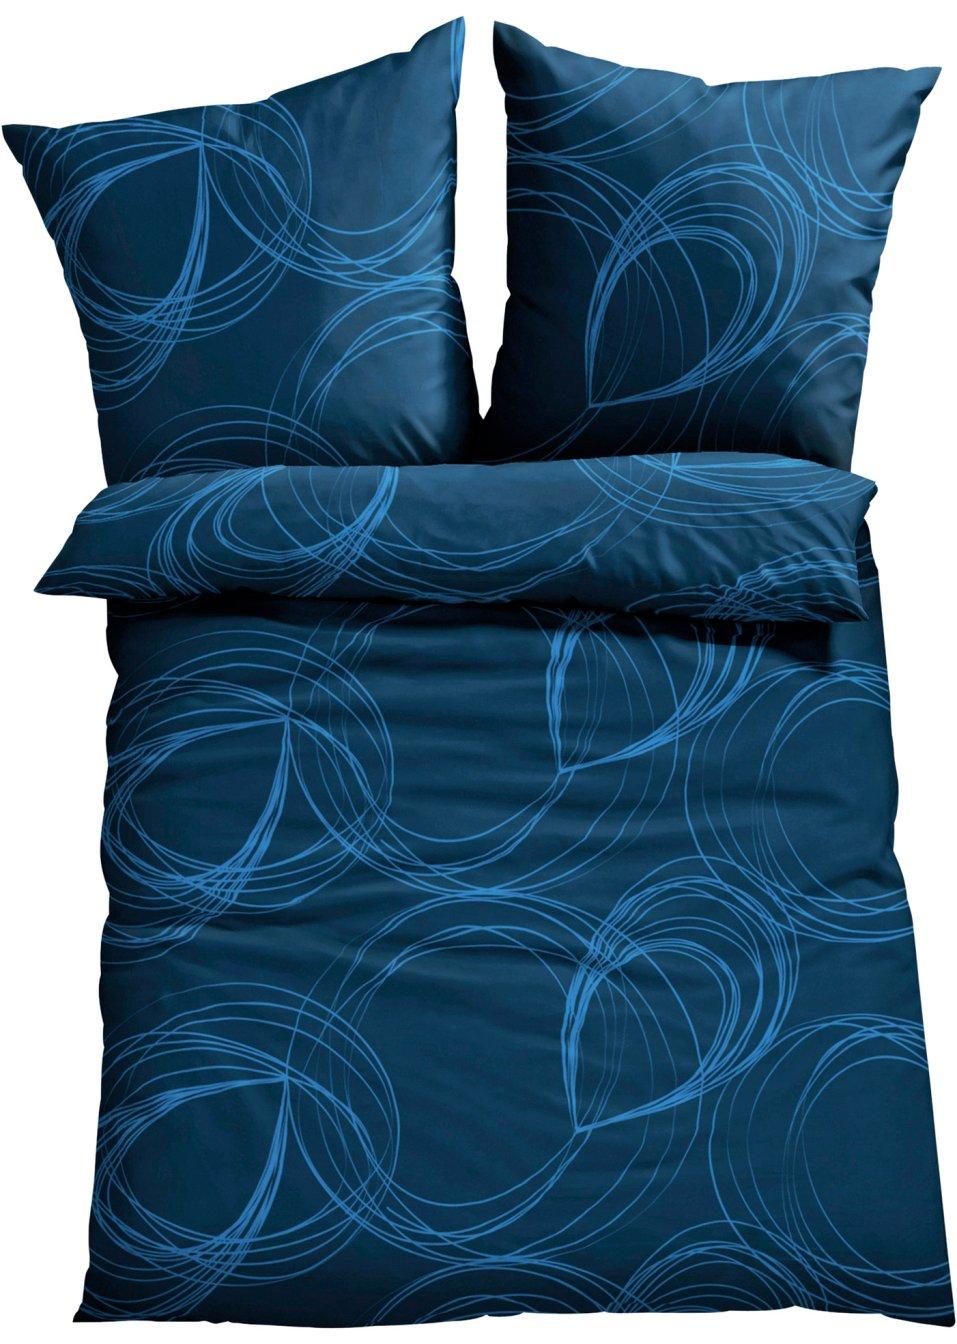 eleganz im schlafzimmer die bettw sche gabo mit grafischen motiven blau polycotton. Black Bedroom Furniture Sets. Home Design Ideas